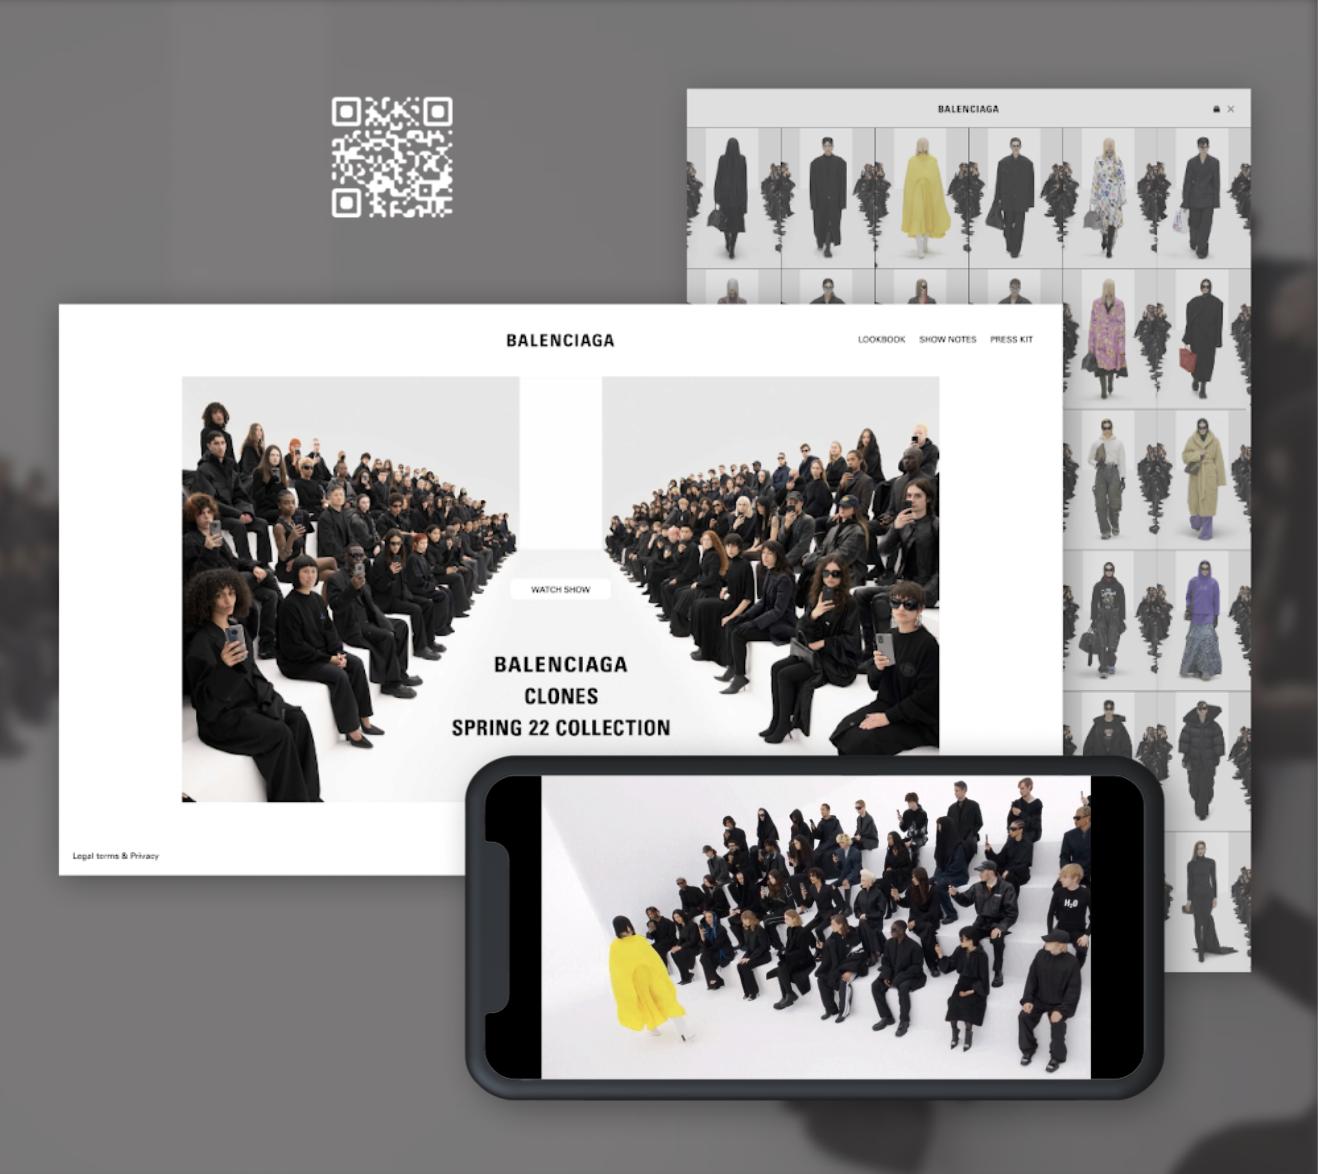 Balenciaga - Défilé Spring 22 - Application mobile